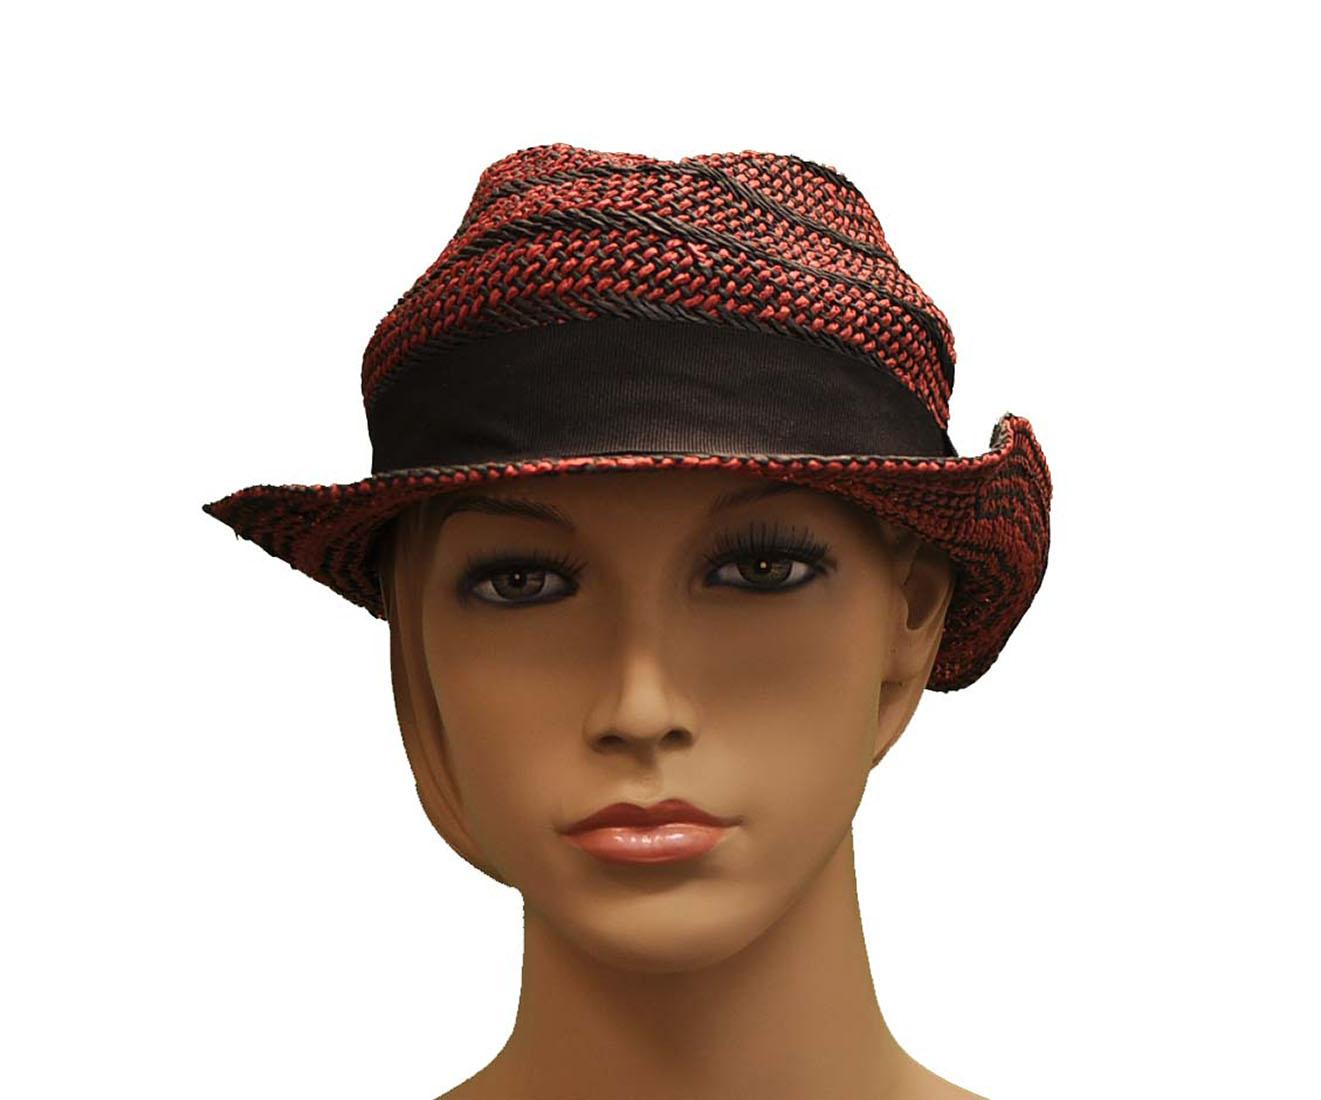 Emporio Armani RED CELLULOSA Hat